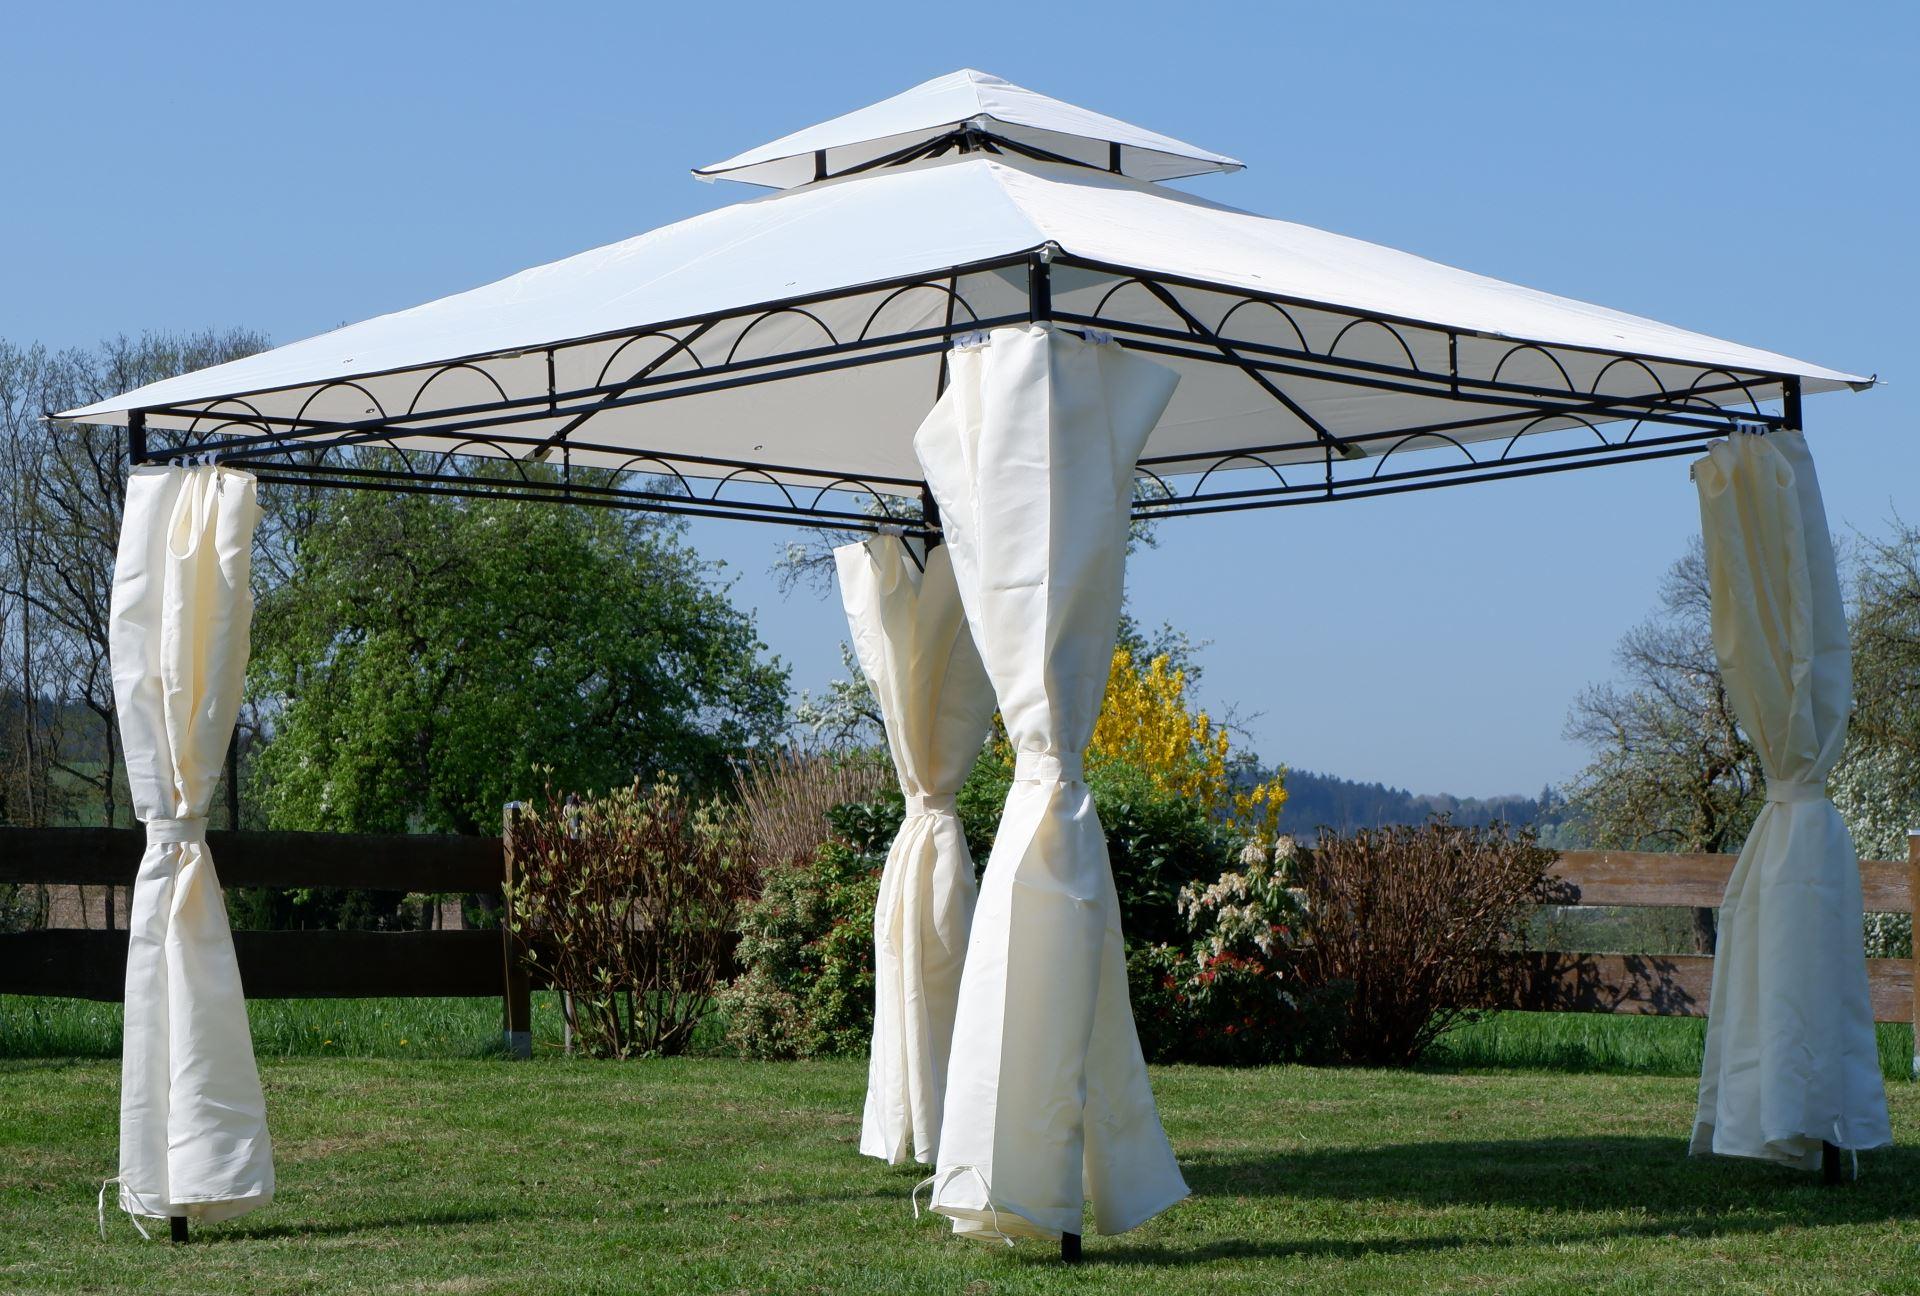 Eleganter Garten - Pavillon 3x3 3x3 3x3 Meter, Dach 100% WASSERDICHT UV30+, 9m², mit 4 Vorhängen quadratisch Modell  7075-3x3 f1a1dc